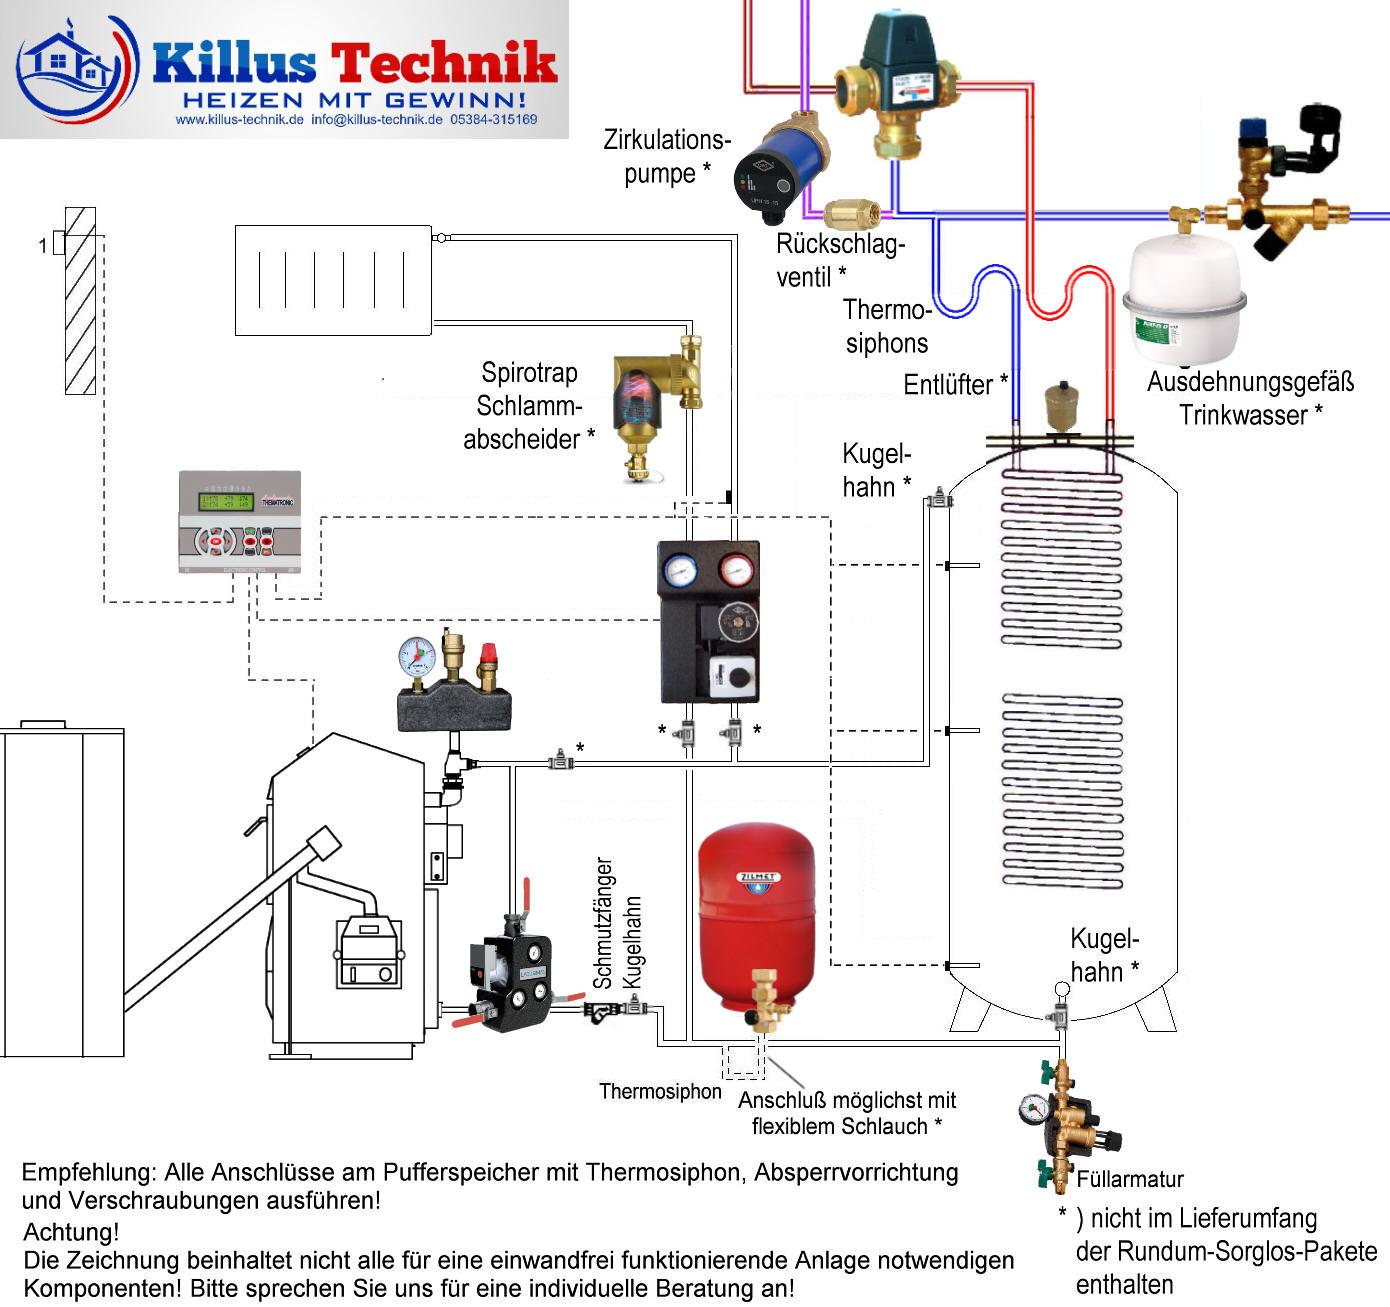 ATMOS Pelletheizung mit TWL Hygienespeicher und JBR Reglung Killus-Technik.de